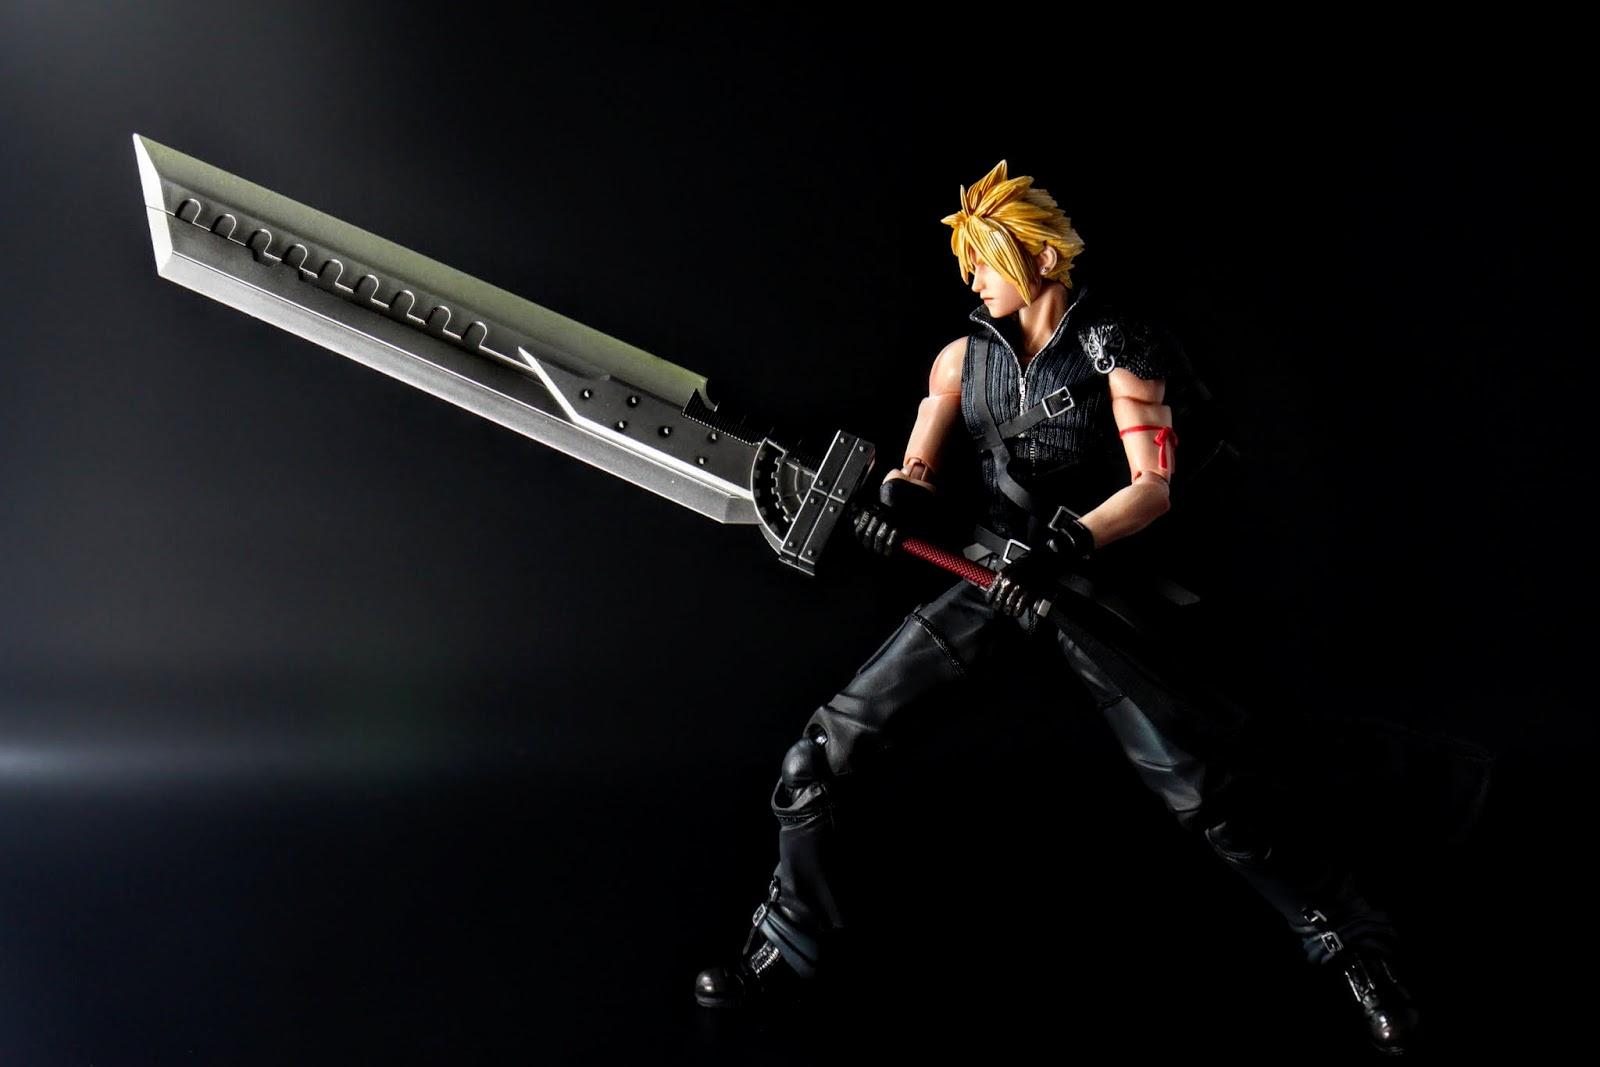 設定上這把是由全部七把劍所組合的,不過接合方式是個謎,當然玩具無法重現,因此變成多附了這把合體大劍;另外這動作是電玩原作中戰鬥的姿勢~